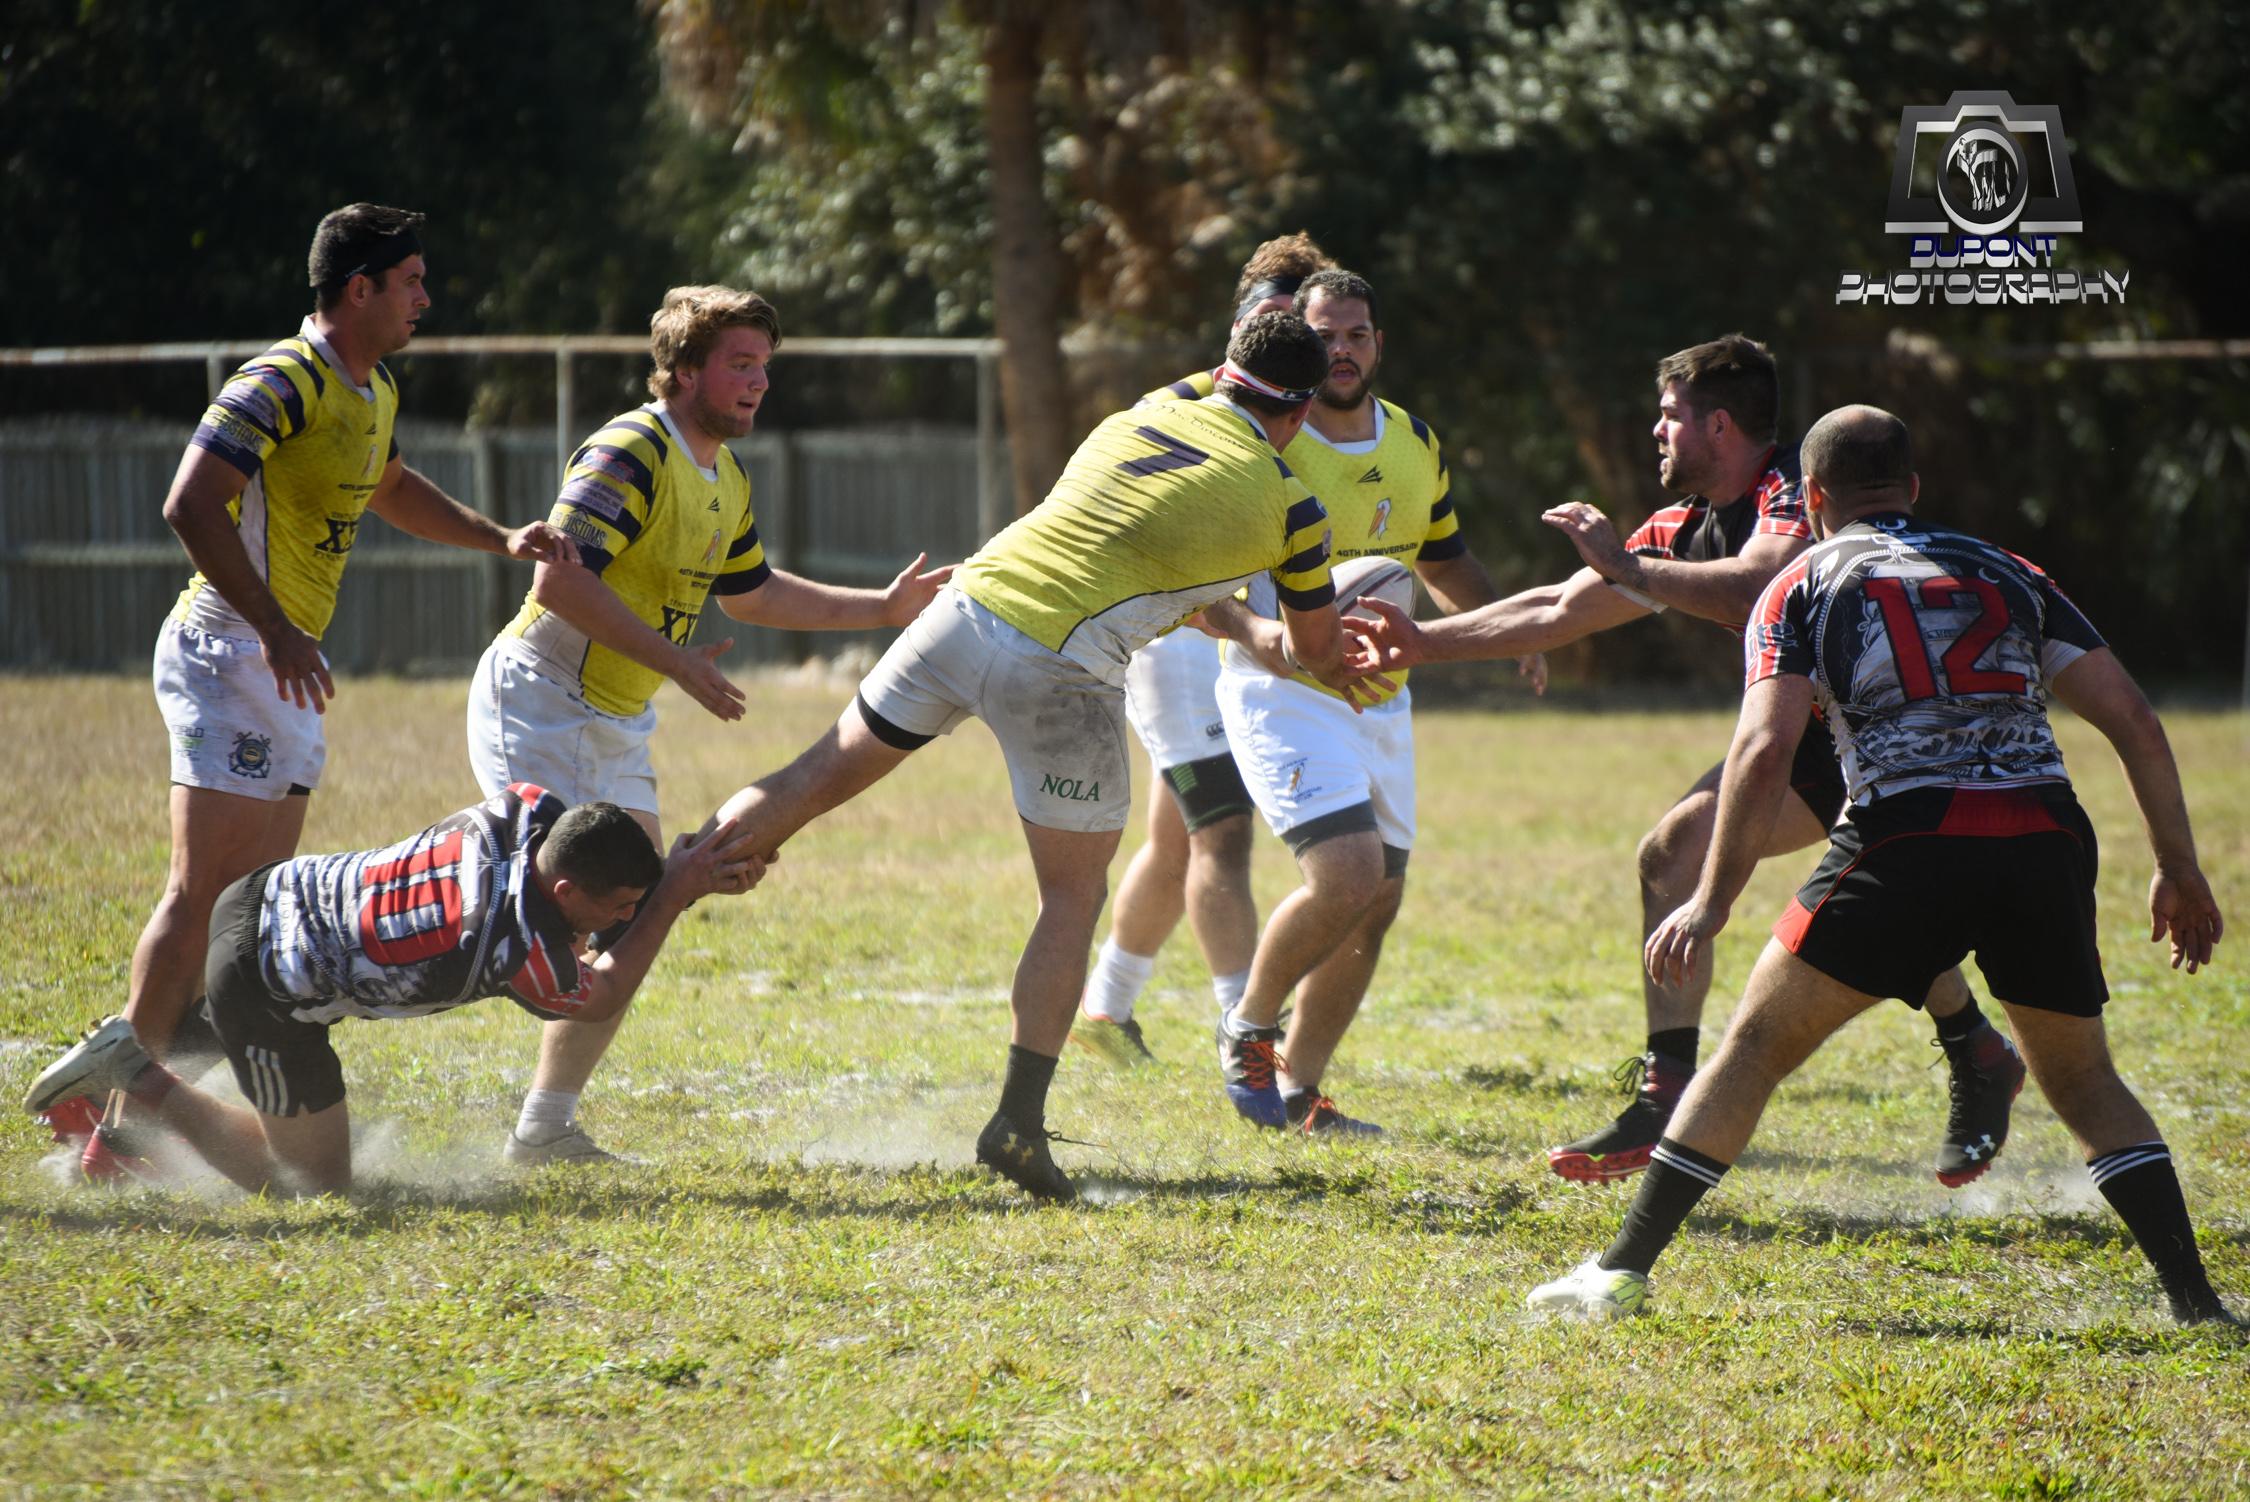 2019-01-19 Rugby-807-1.jpg